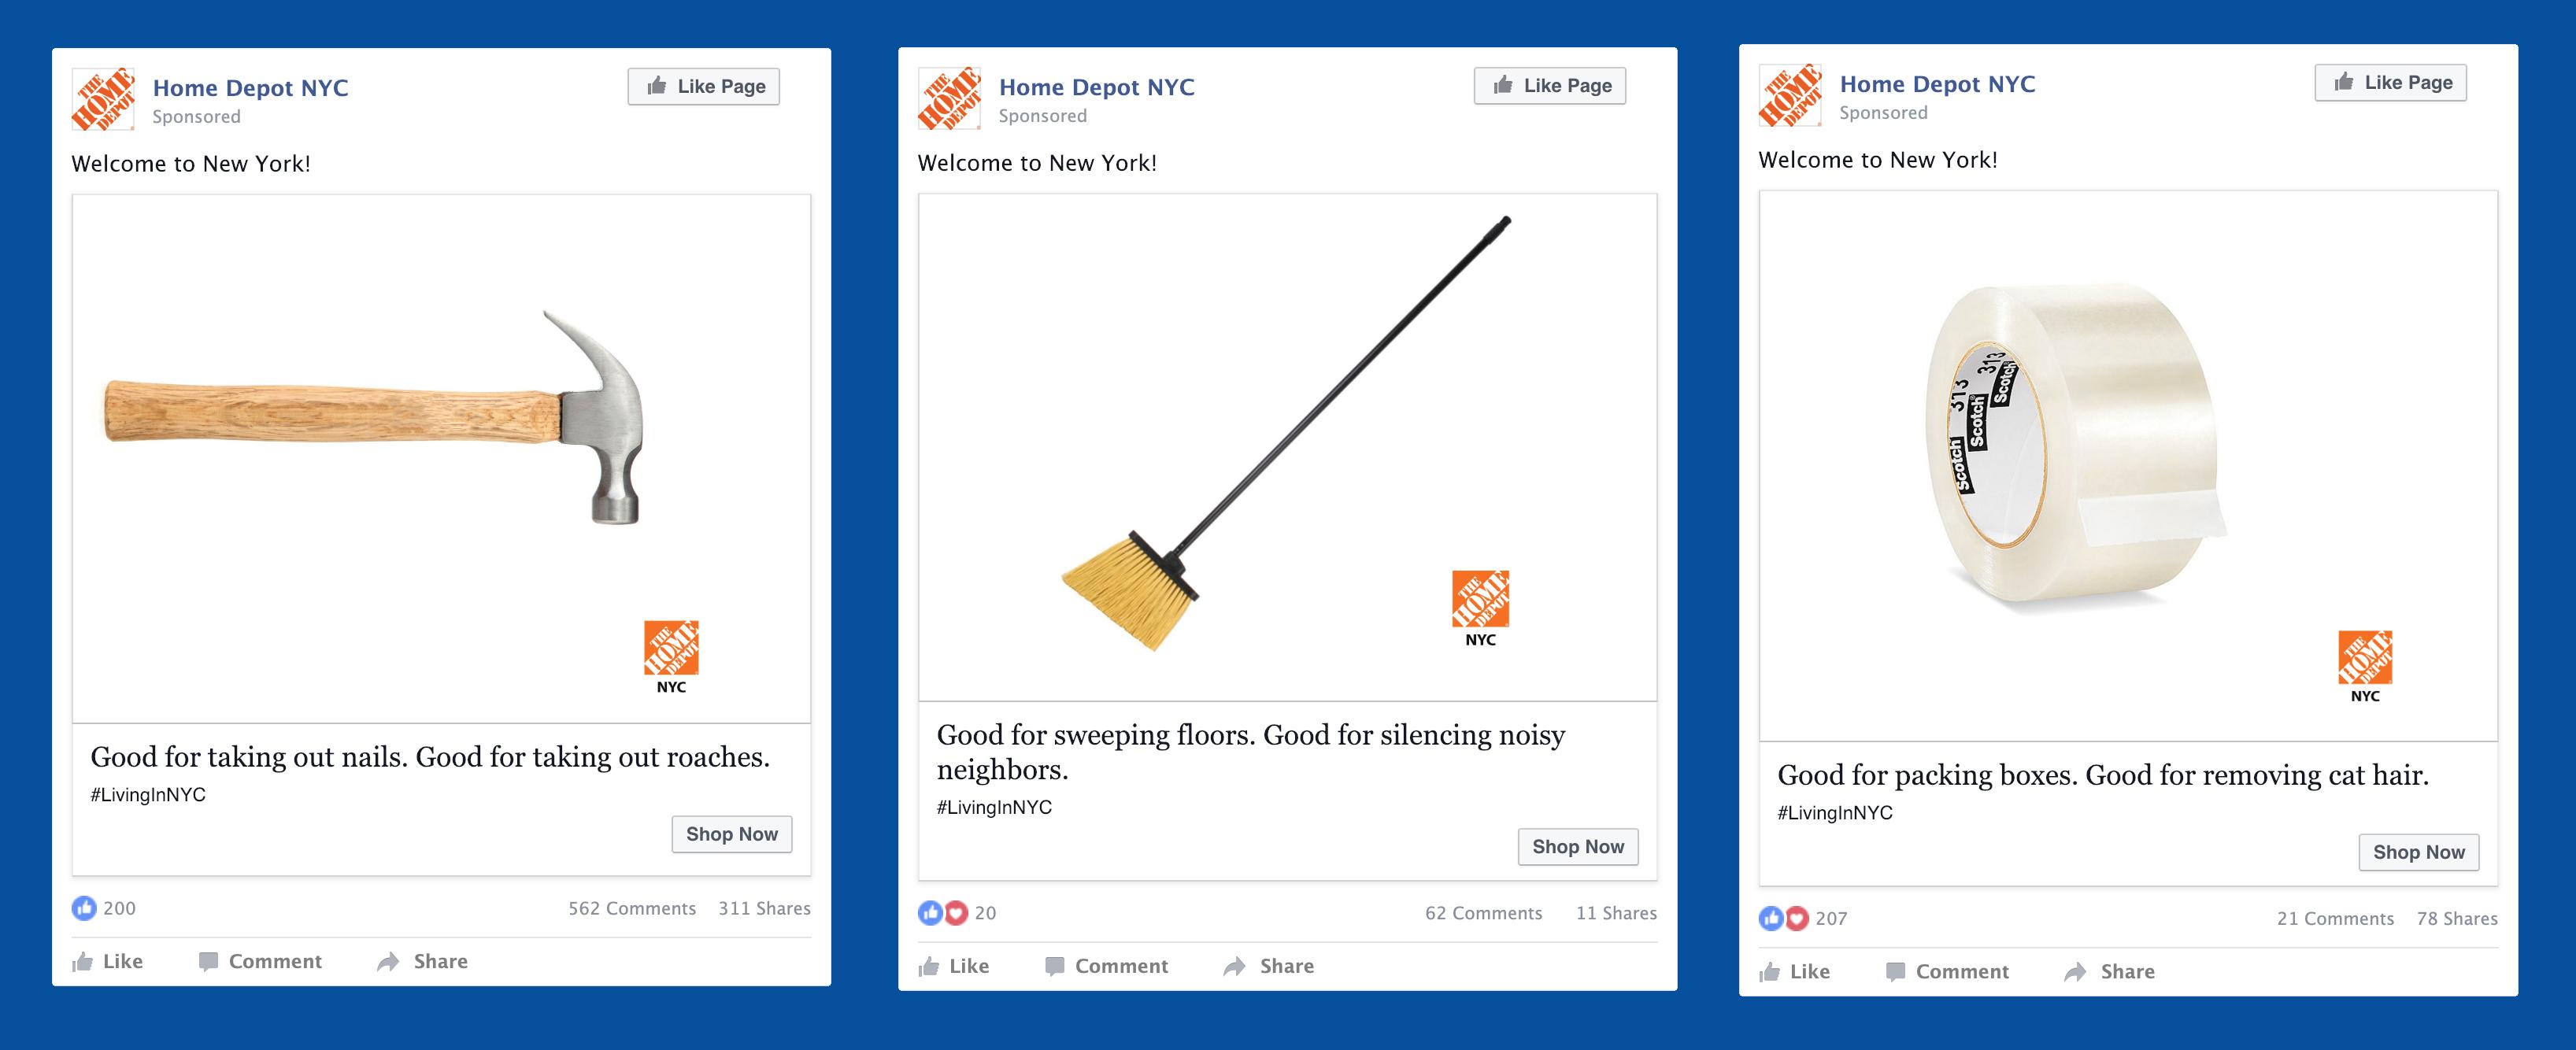 Social Media - Home Depot